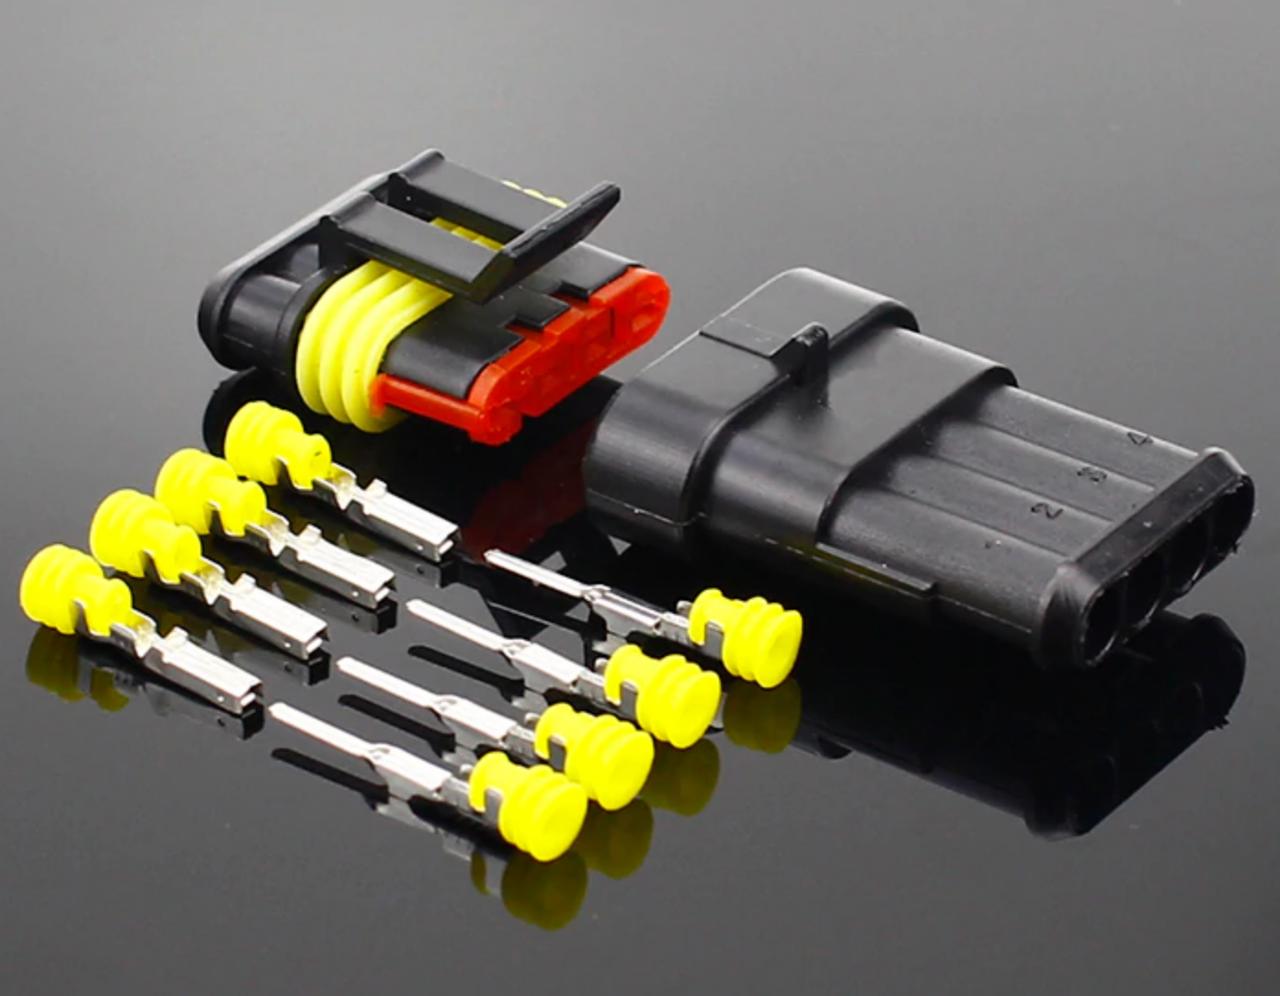 Роз'єм і гніздо 6 PIN (тато-мама) водонепроникний коннектор/з'єднувач IP68